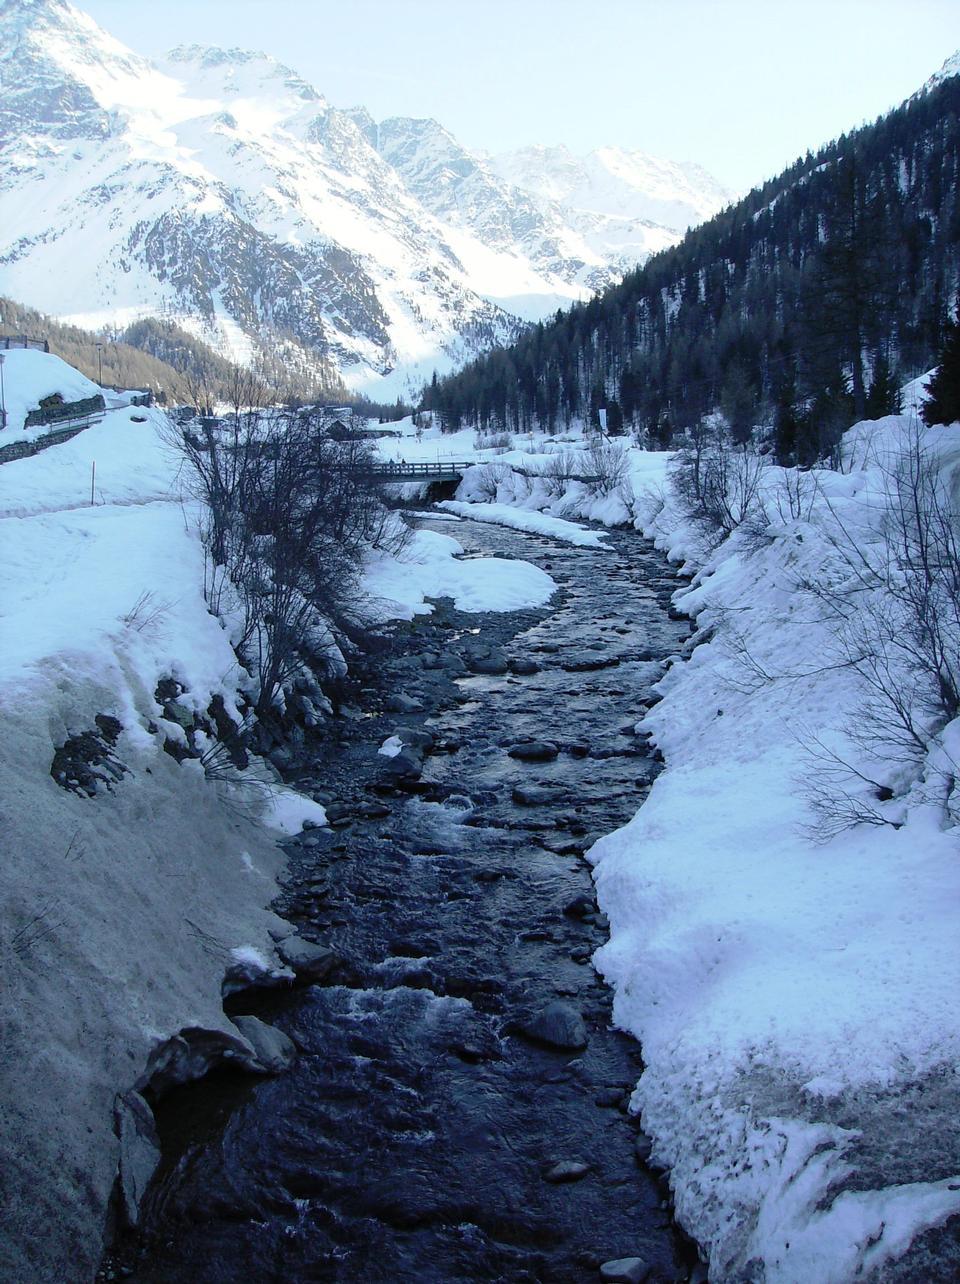 小河邊Sulden谷 - 南蒂羅爾,意大利